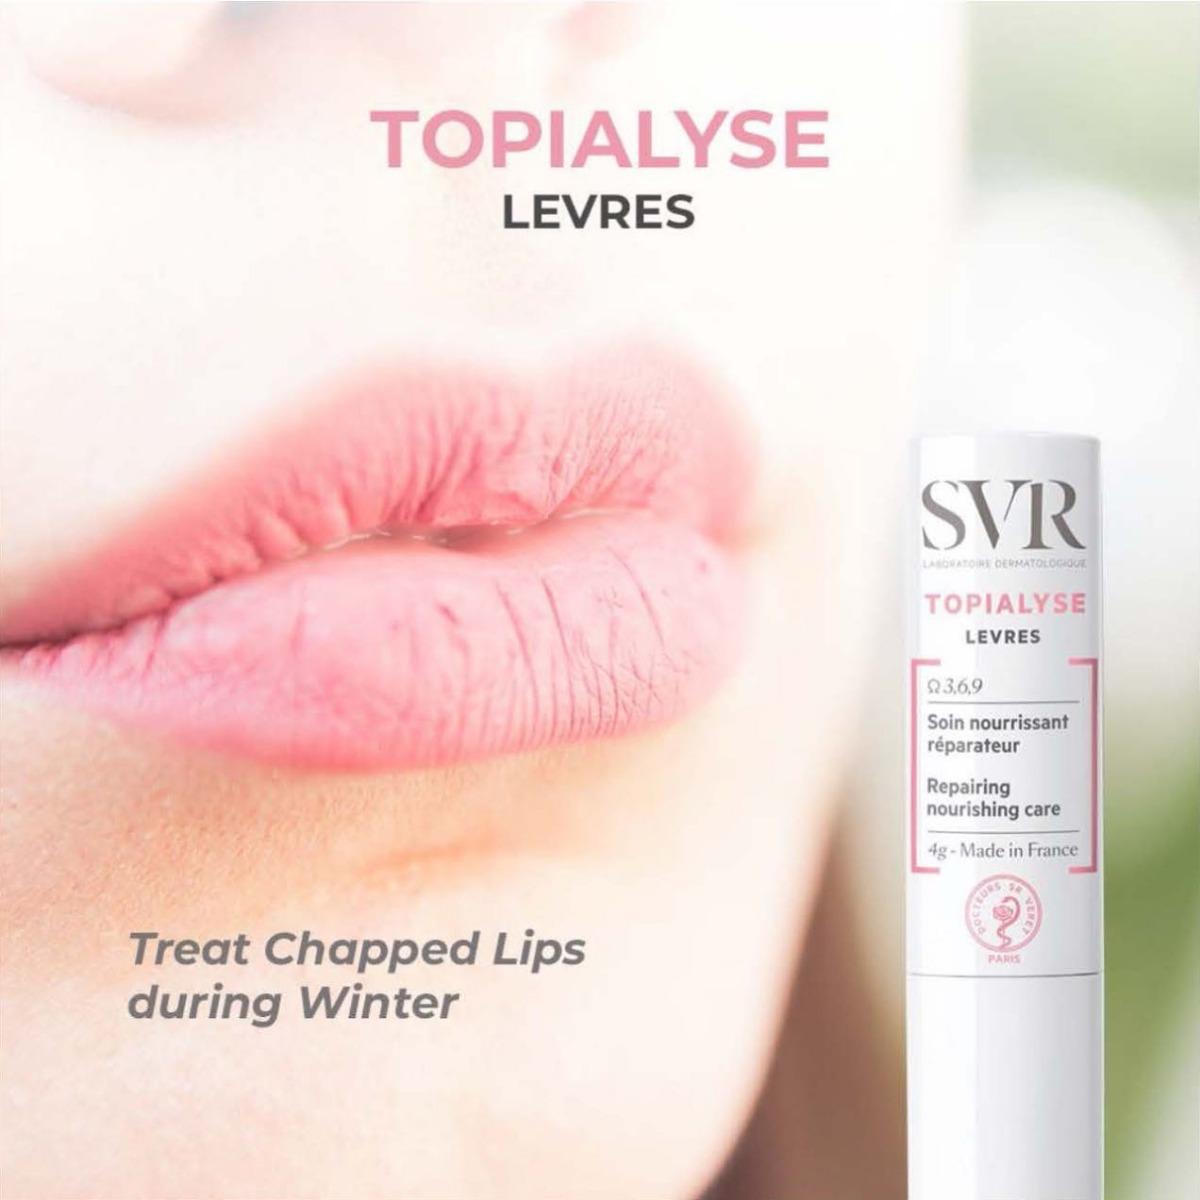 Sáp Dưỡng Ẩm Môi SVR Stick Topialyse Levres giúp làm mềm và làm dịu da môi nhạy cảm tổn thương